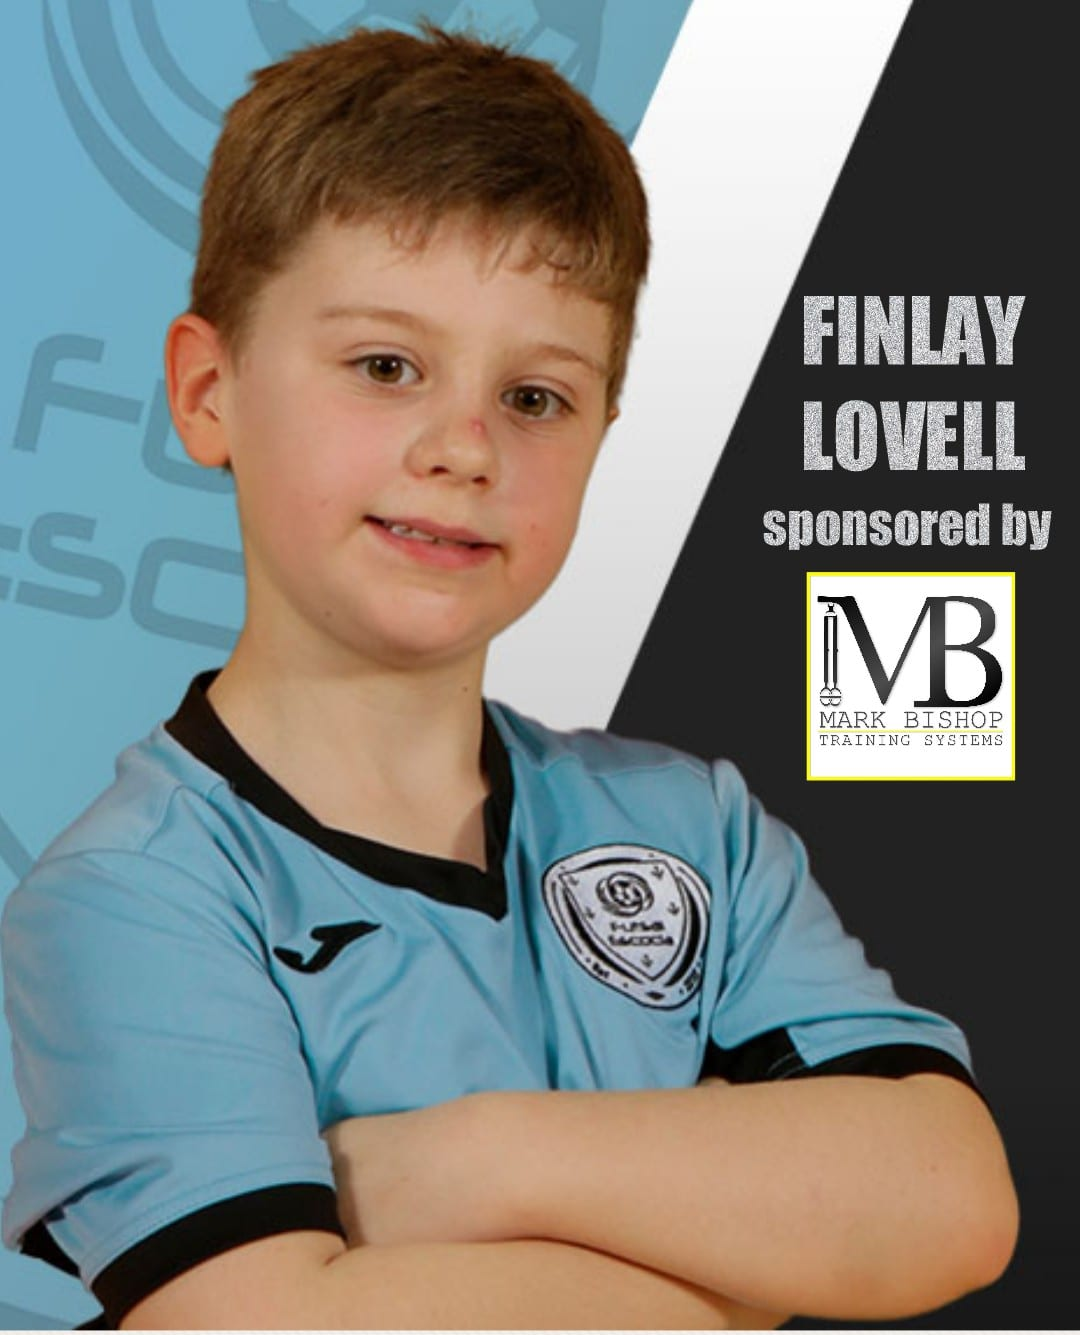 Finlay Lovell